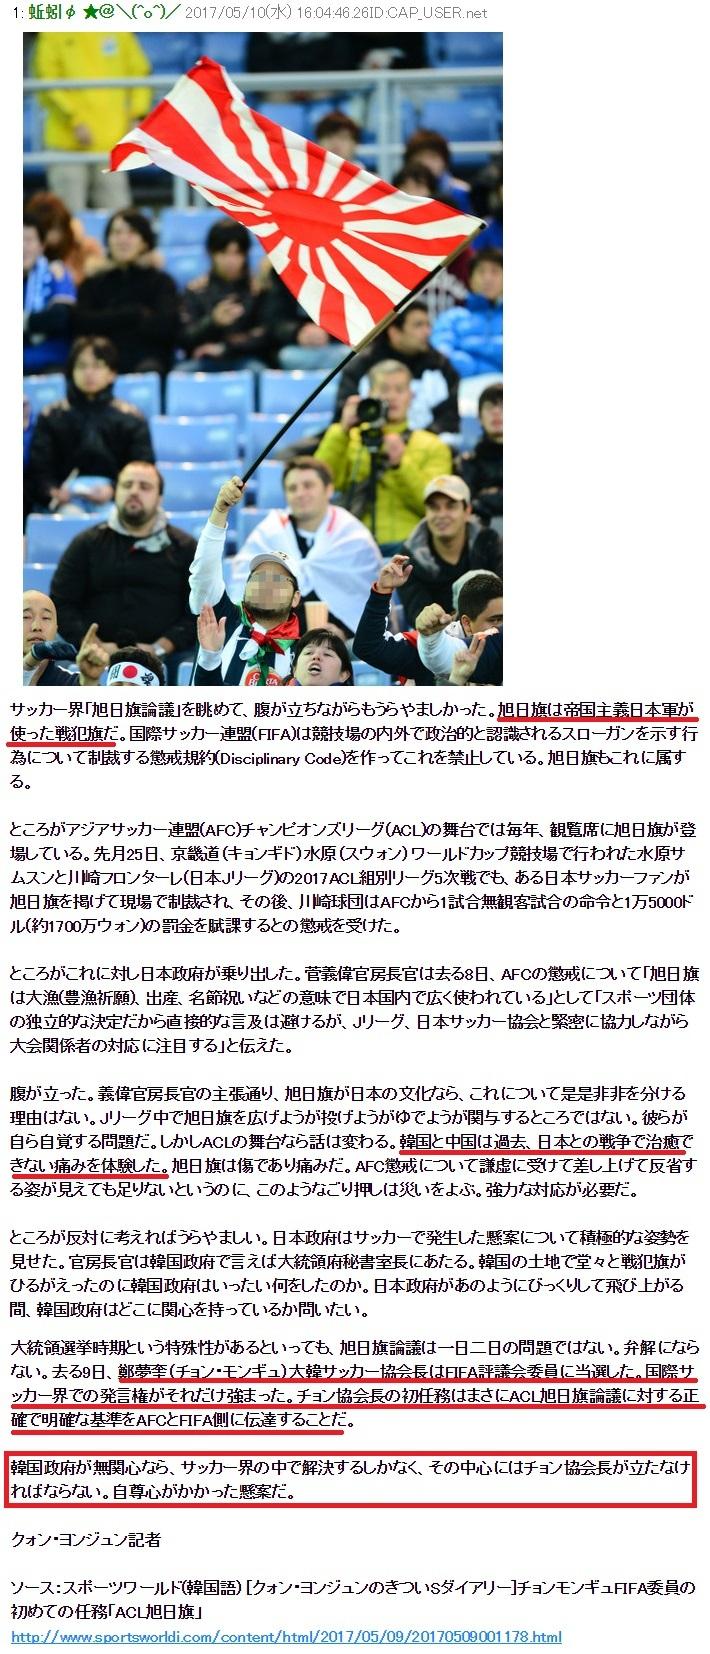 チョン記者「チョンがAFC理事になったから旭日旗使用禁止の旗を振れ」